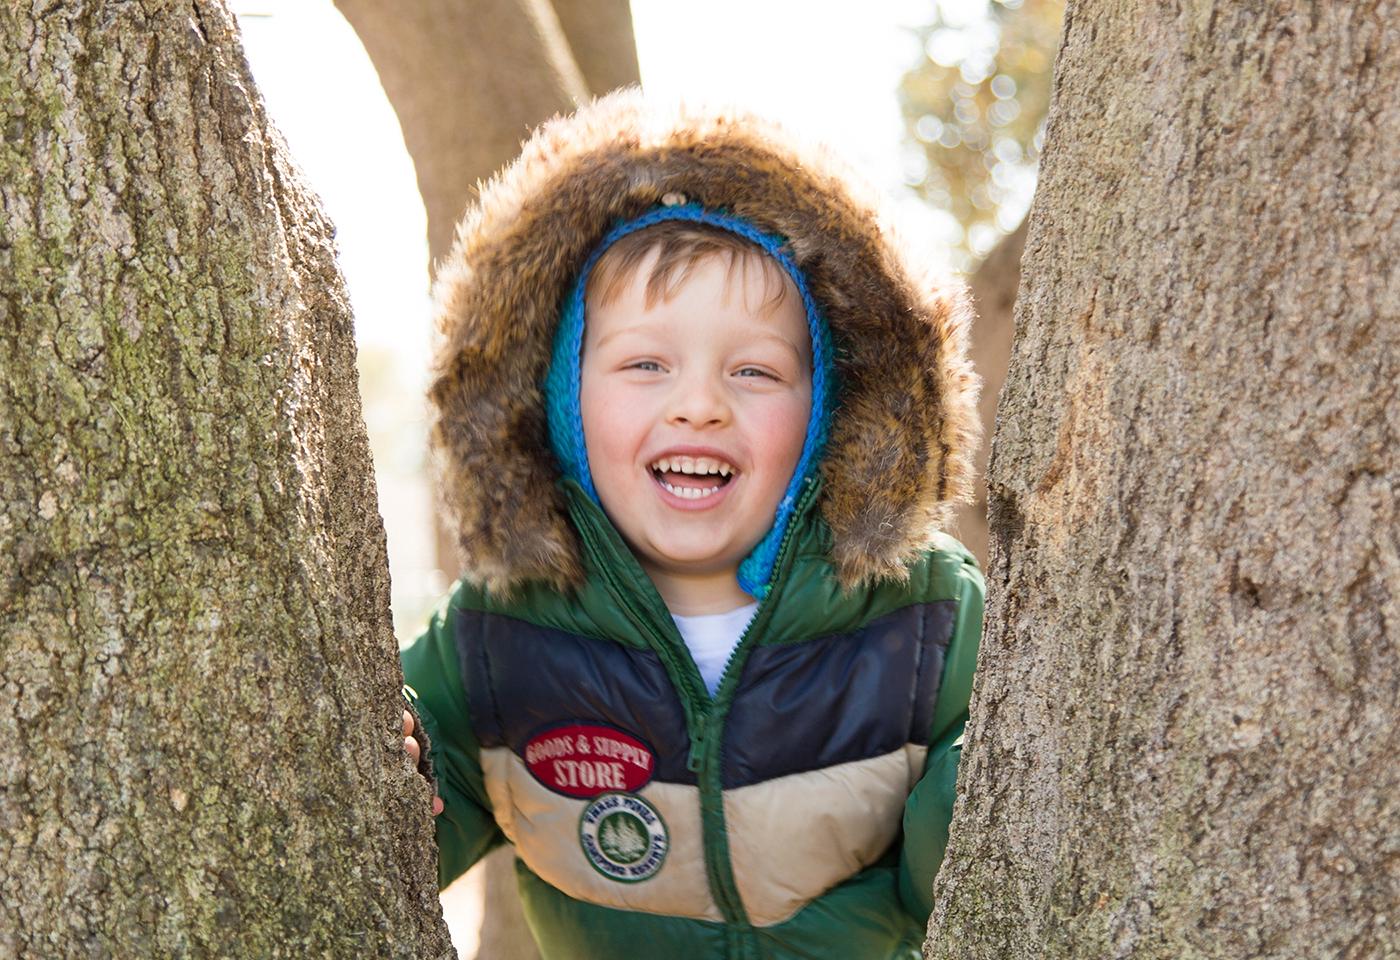 kid in park image